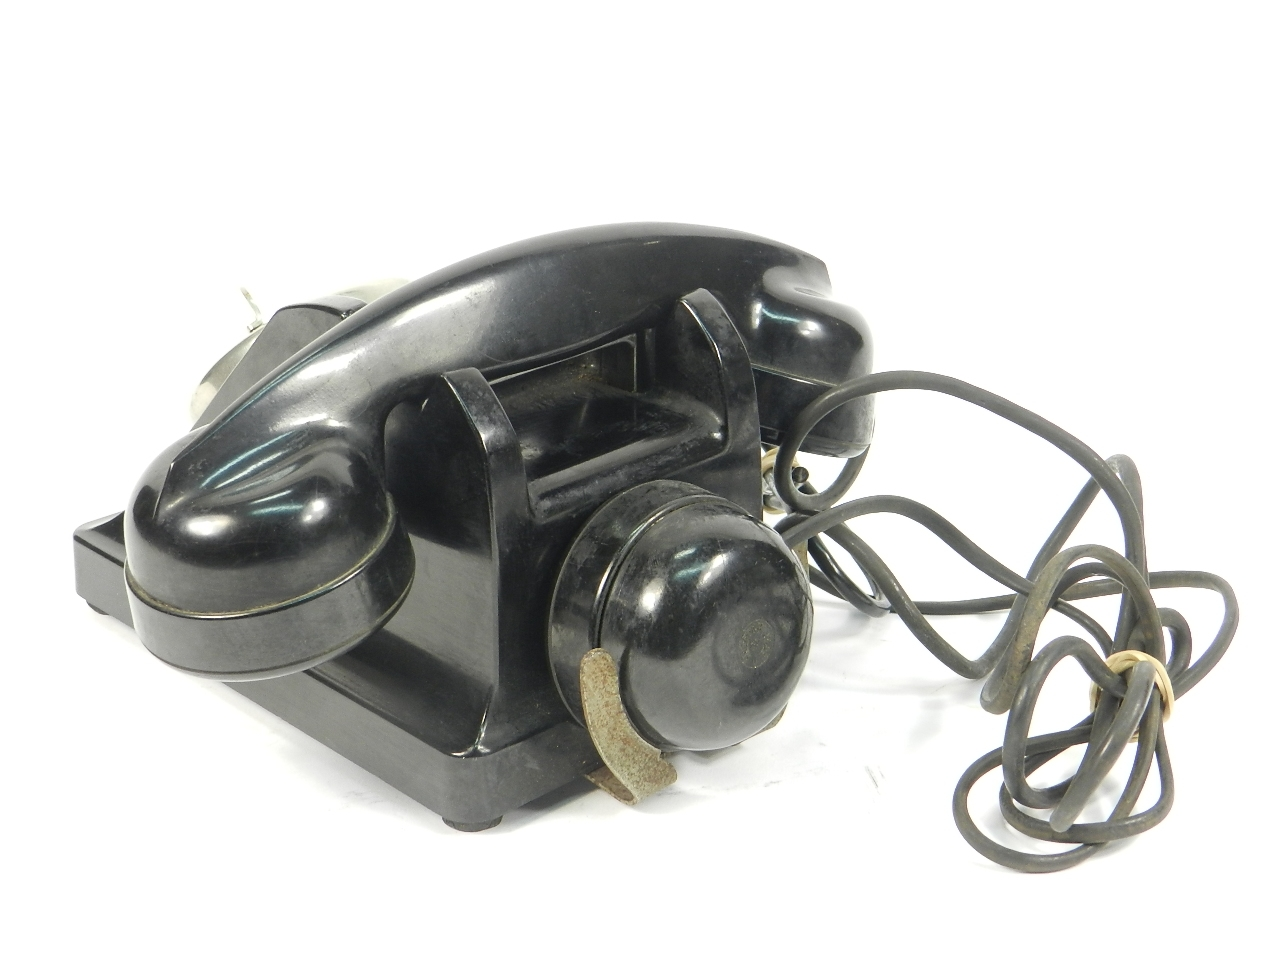 Imagen TELEFONO P.T.T ERICSSON AÑO 1940 41438